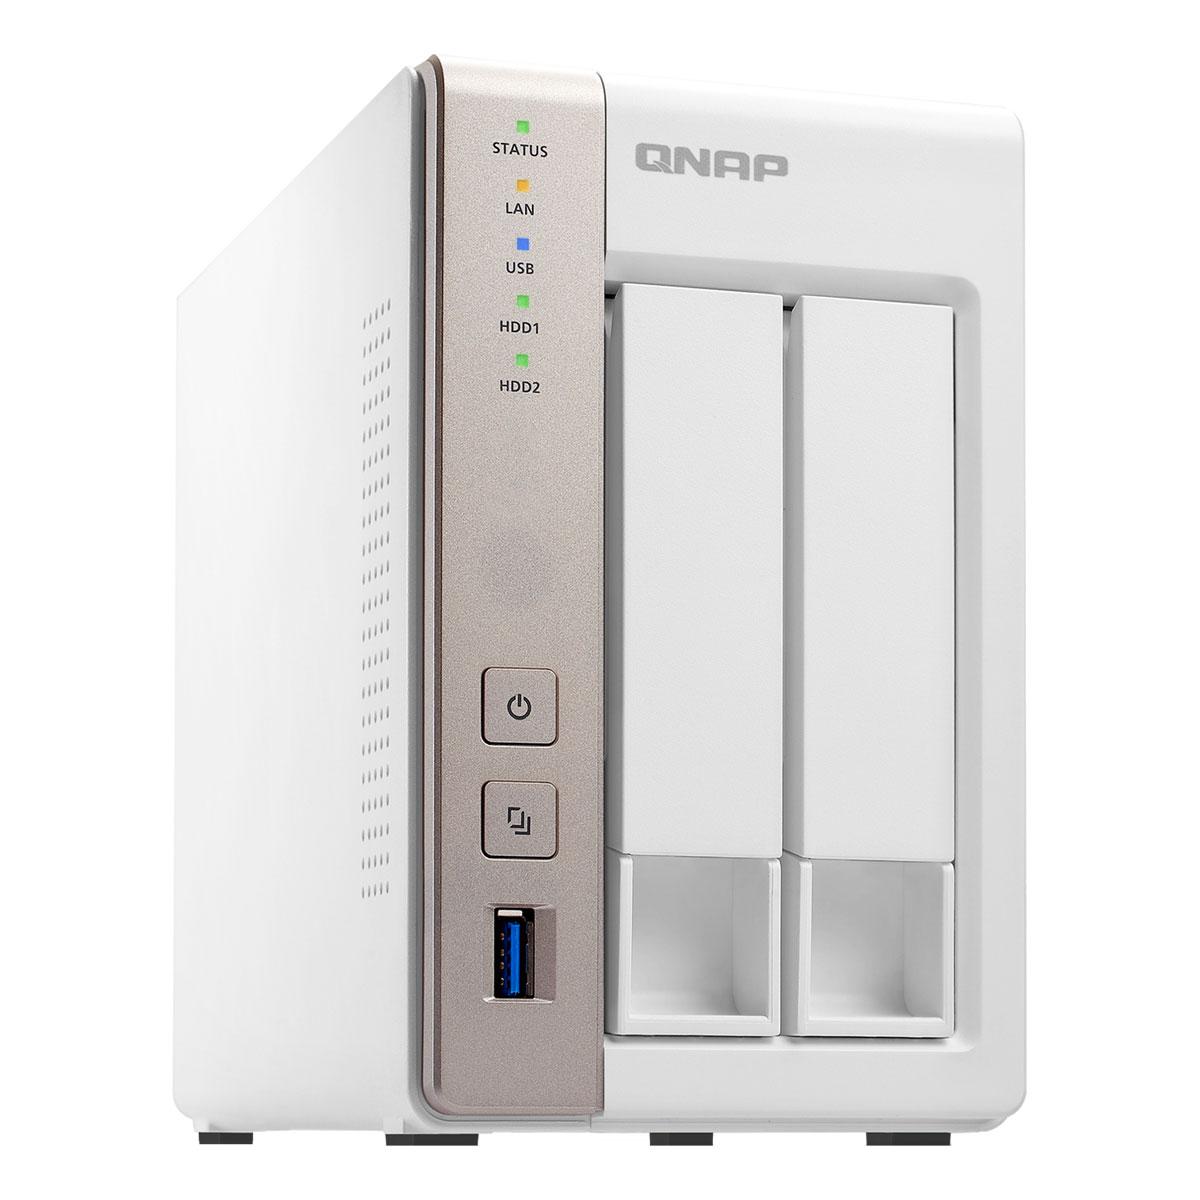 QNAP TS-251 сетевой RAID-накопительTS-251QNAP TS-251 – это высокопроизводительный сетевой накопитель с большой емкостью хранения для дома, малого офиса и рабочих групп. Оснащенное операционной системой QTS для сетевых накопителей QNAP, устройство идеально подойдет для резервного копирования данных, синхронизации файлов, безопасного удаленного доступа, организации медиабиблиотеки, а также надежного личного облака. Рабочий стол QTS 4.0, включающий в себя основное меню, графическую панель мониторинга, пиктограммы с возможностью перетаскивания, несколько рабочих столов, персонализированные обои и «умную» панель инструментов, значительно облегчает выполнение системных операций. Поддержка мультизадачности позволяет одновременно держать открытыми несколько окон, работая параллельно с различными приложениями. Весь ваш контент доступен вам в поездке! TS-251 обеспечивает постоянную доступность ваших данных в персональном «облаке», подключиться к которому можно через любой веб-браузер или...